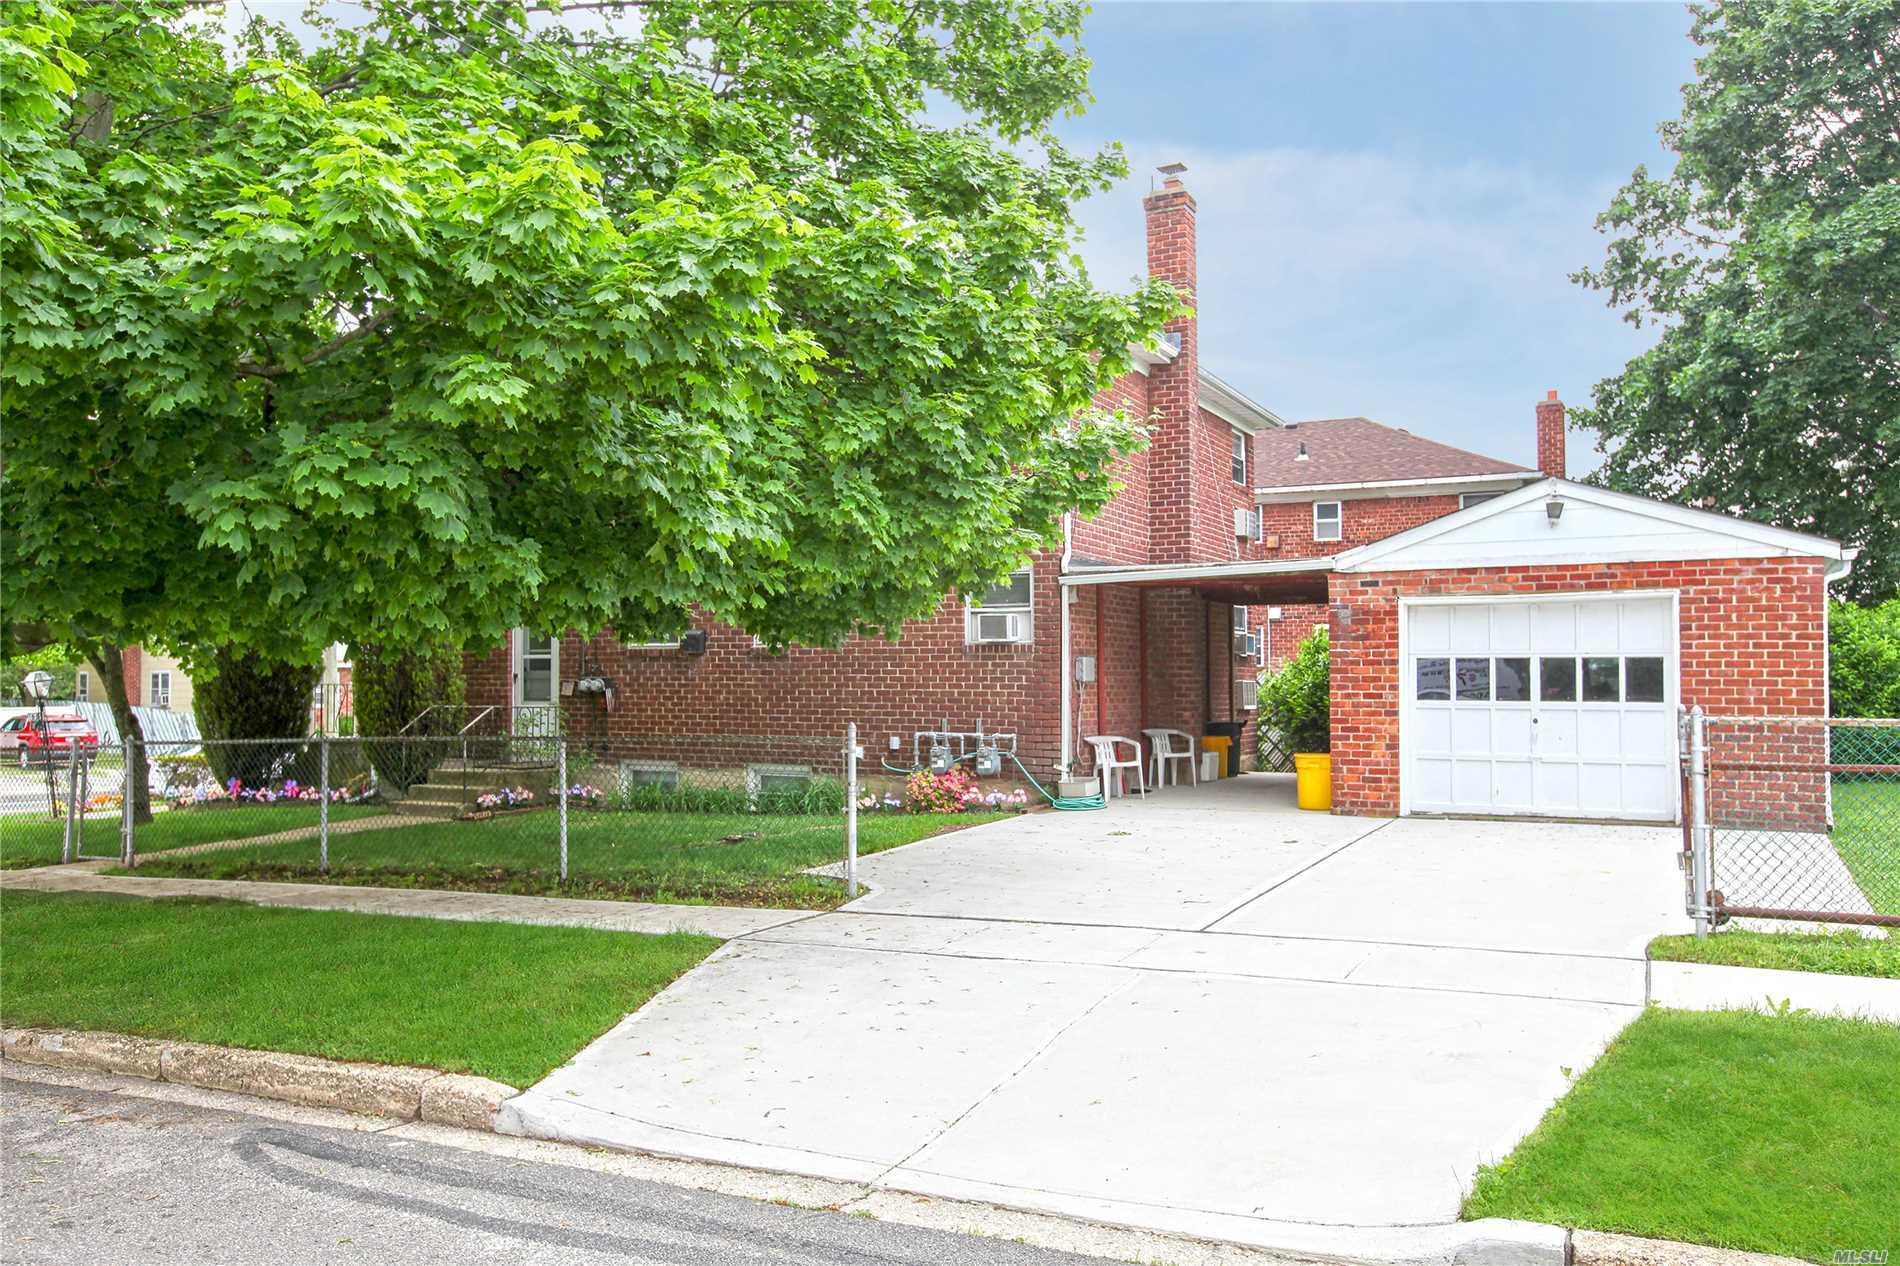 836 Main St - Farmingdale, New York